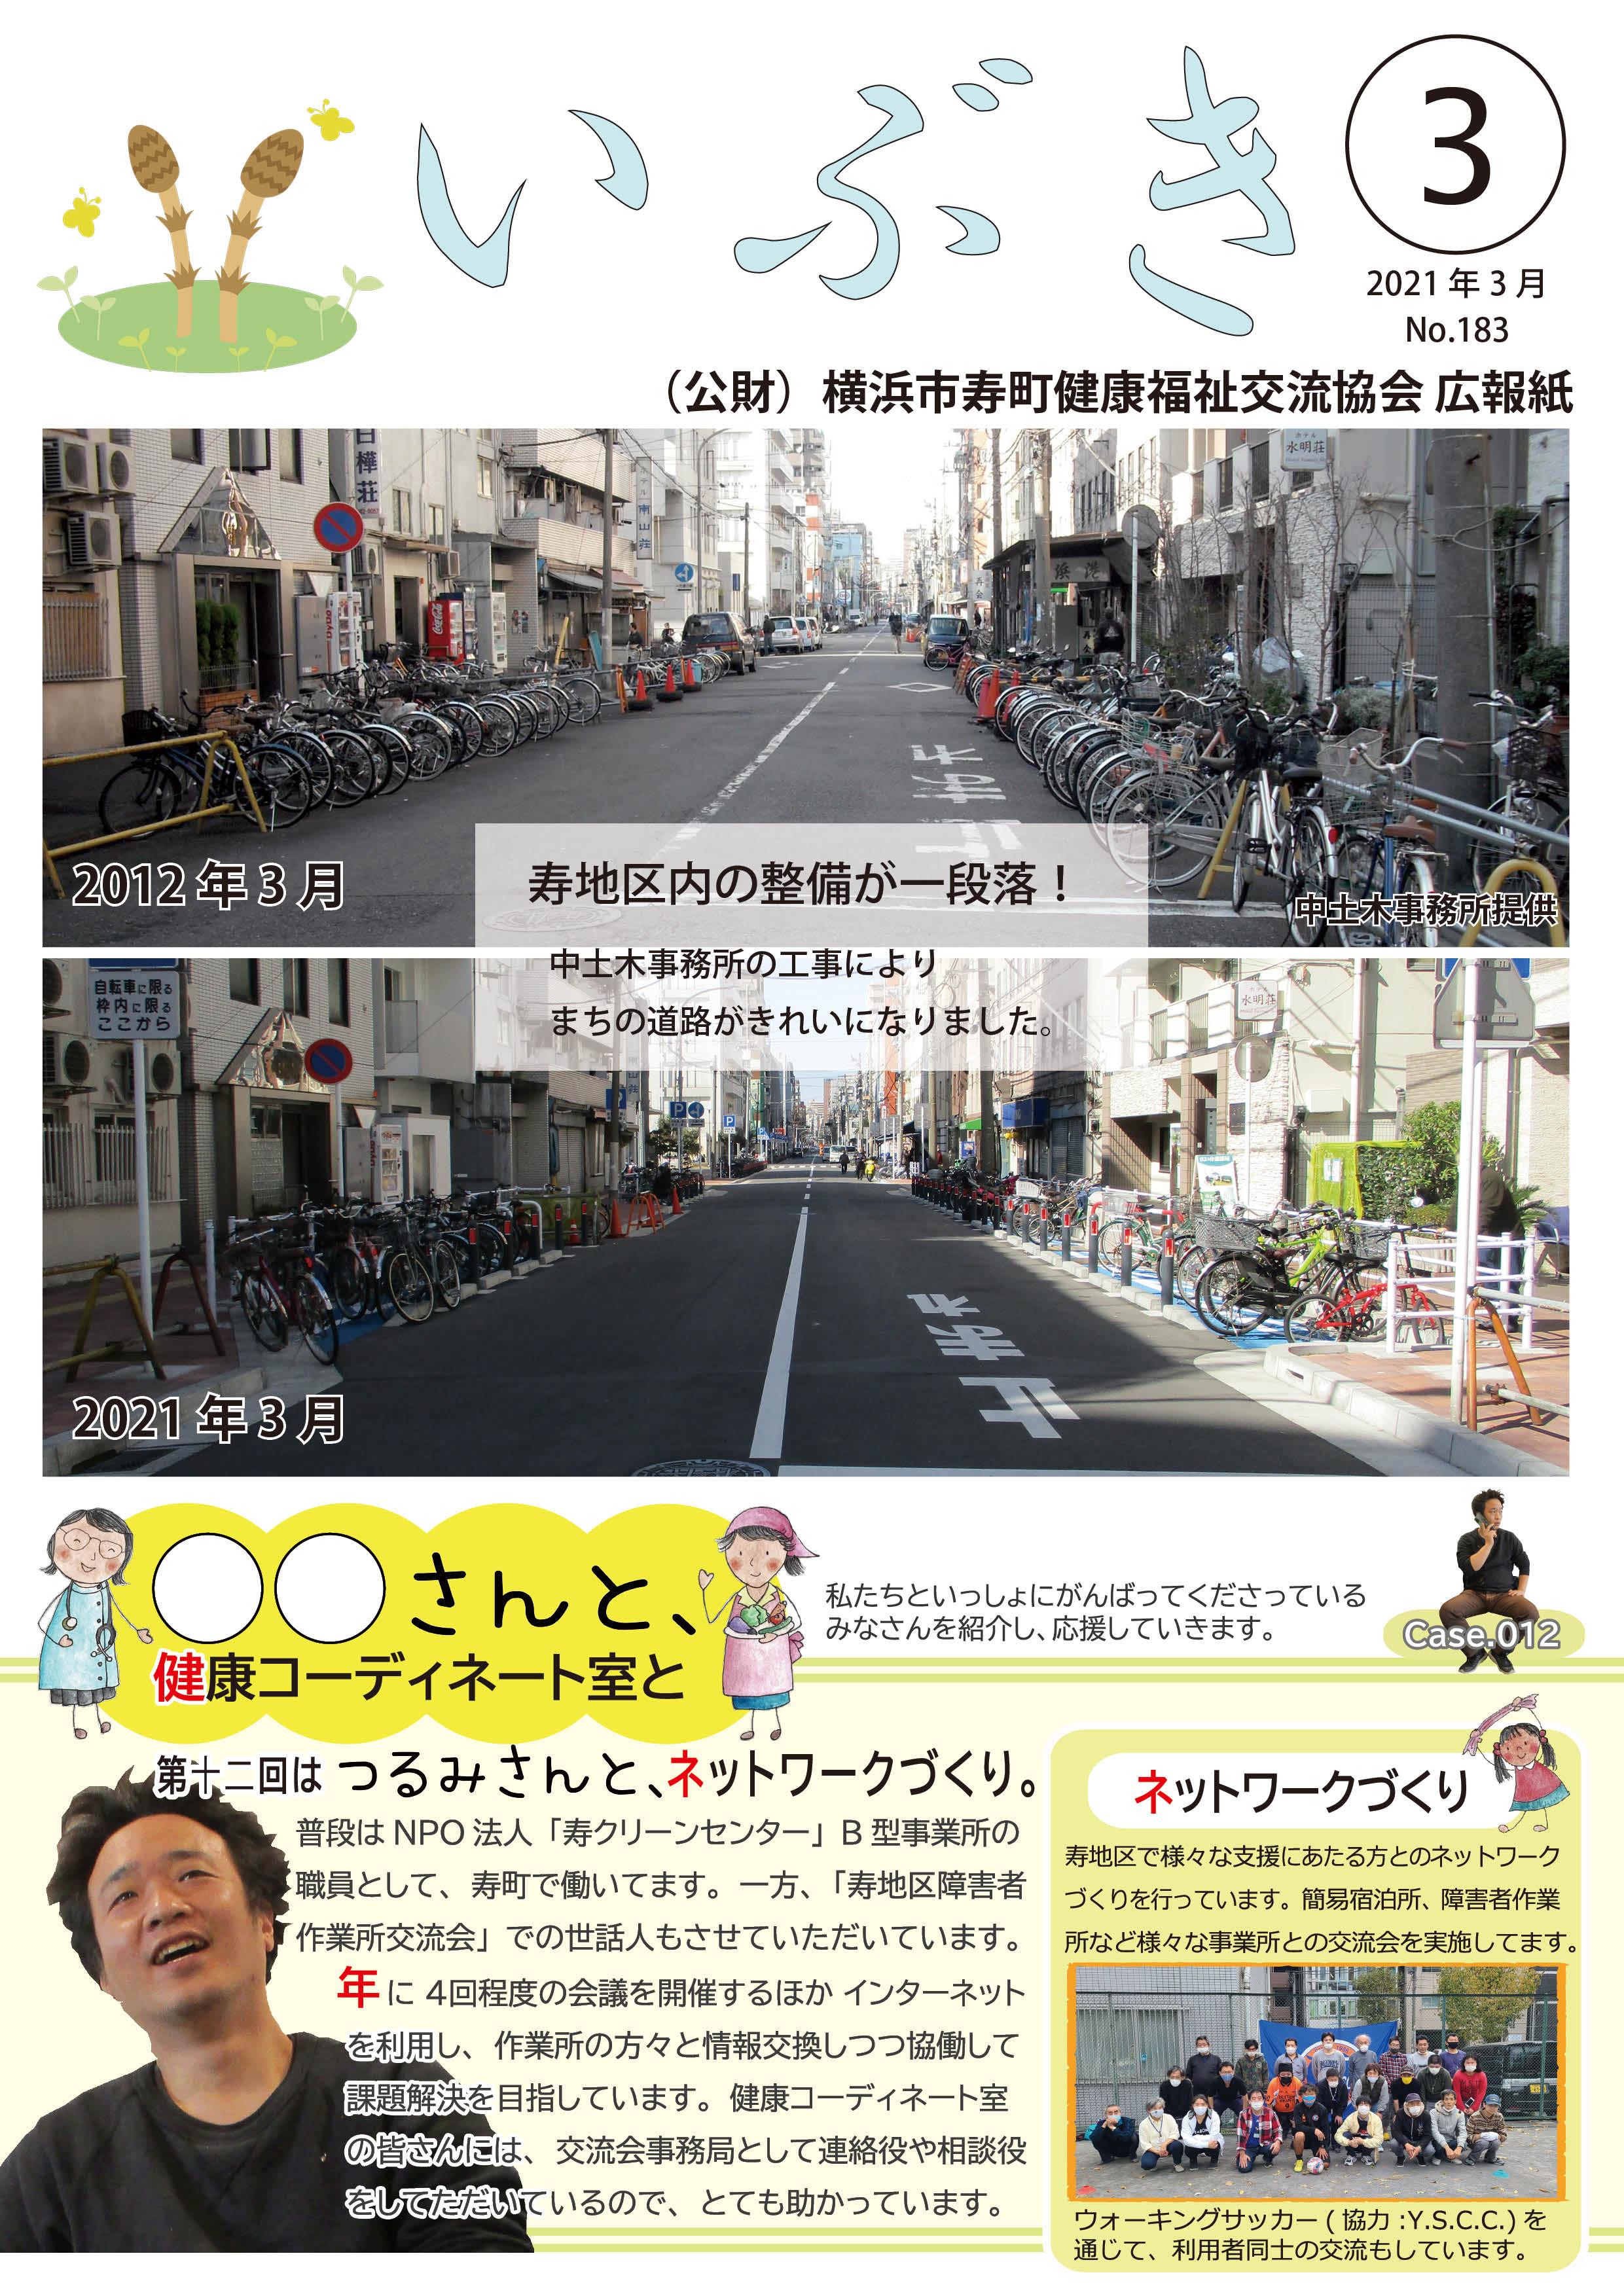 広報紙いぶき2021年3月号(No.183)